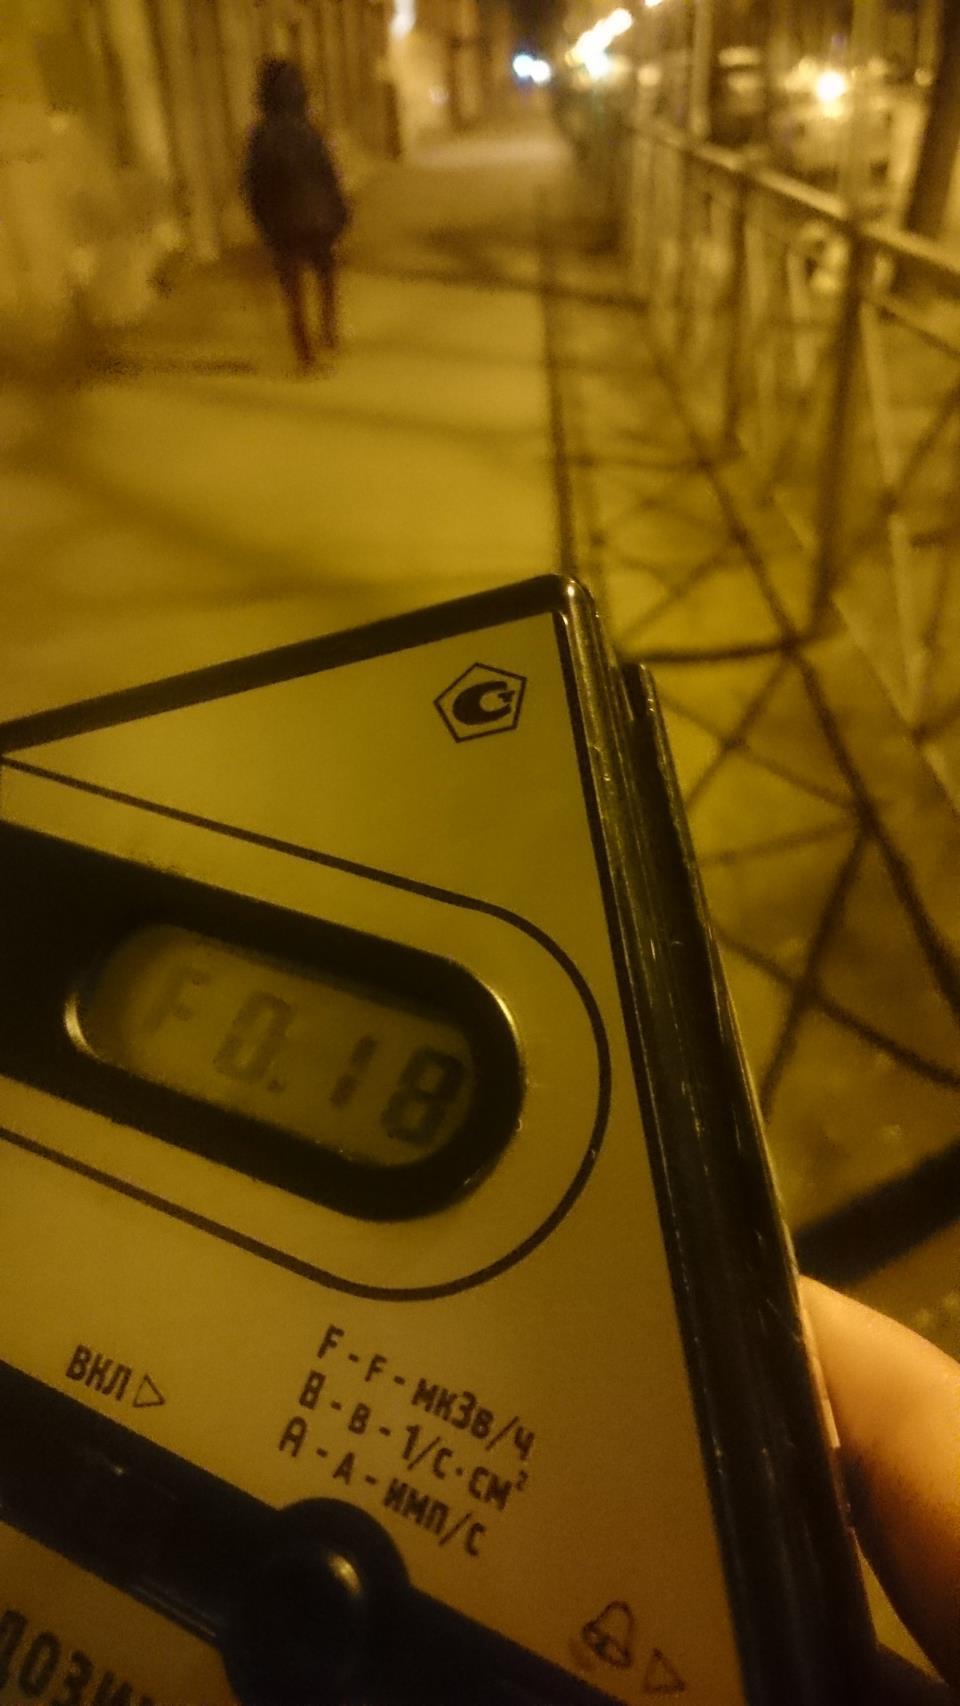 Точка измерения МЭД гамма-излучени на 5-ой линии Васильевского острова д.16 в Санкт-Петербурге